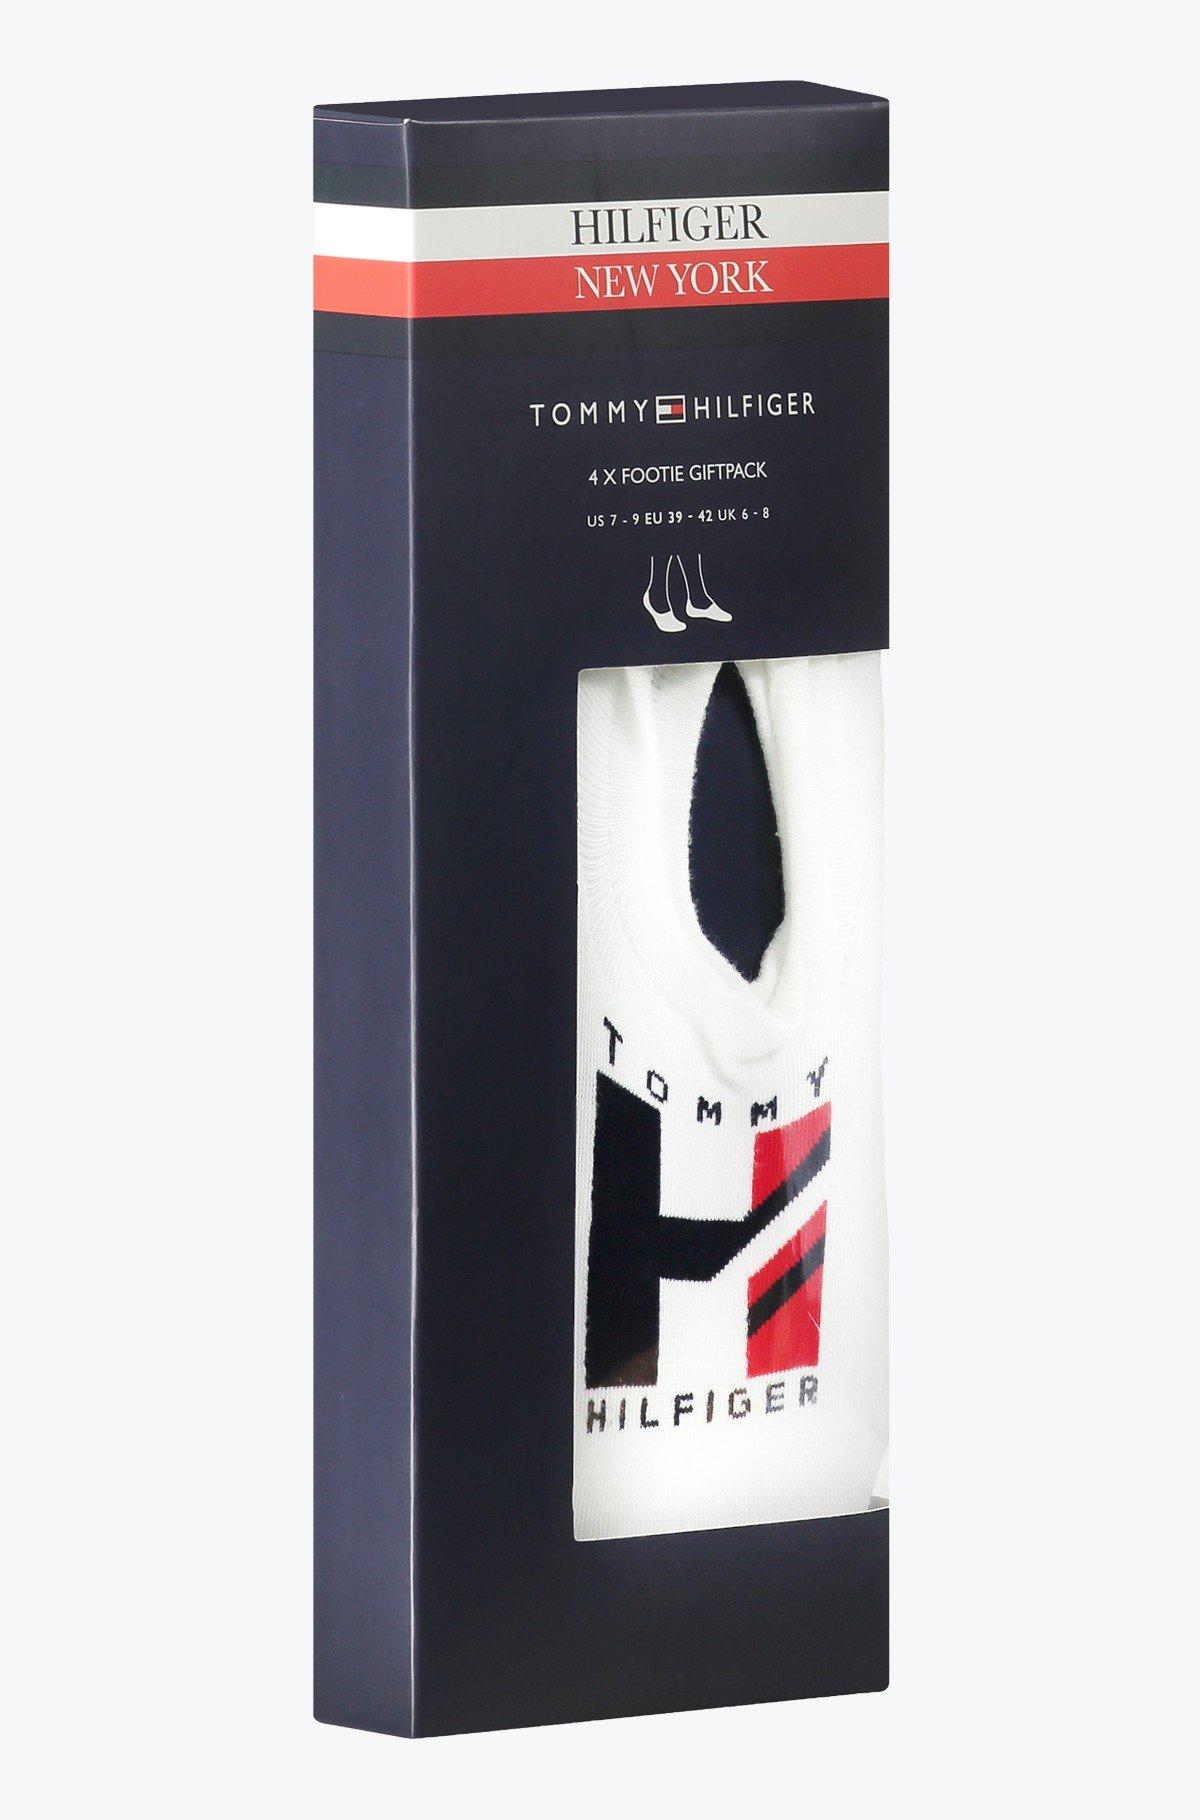 Socks in gift box 100002215-full-1